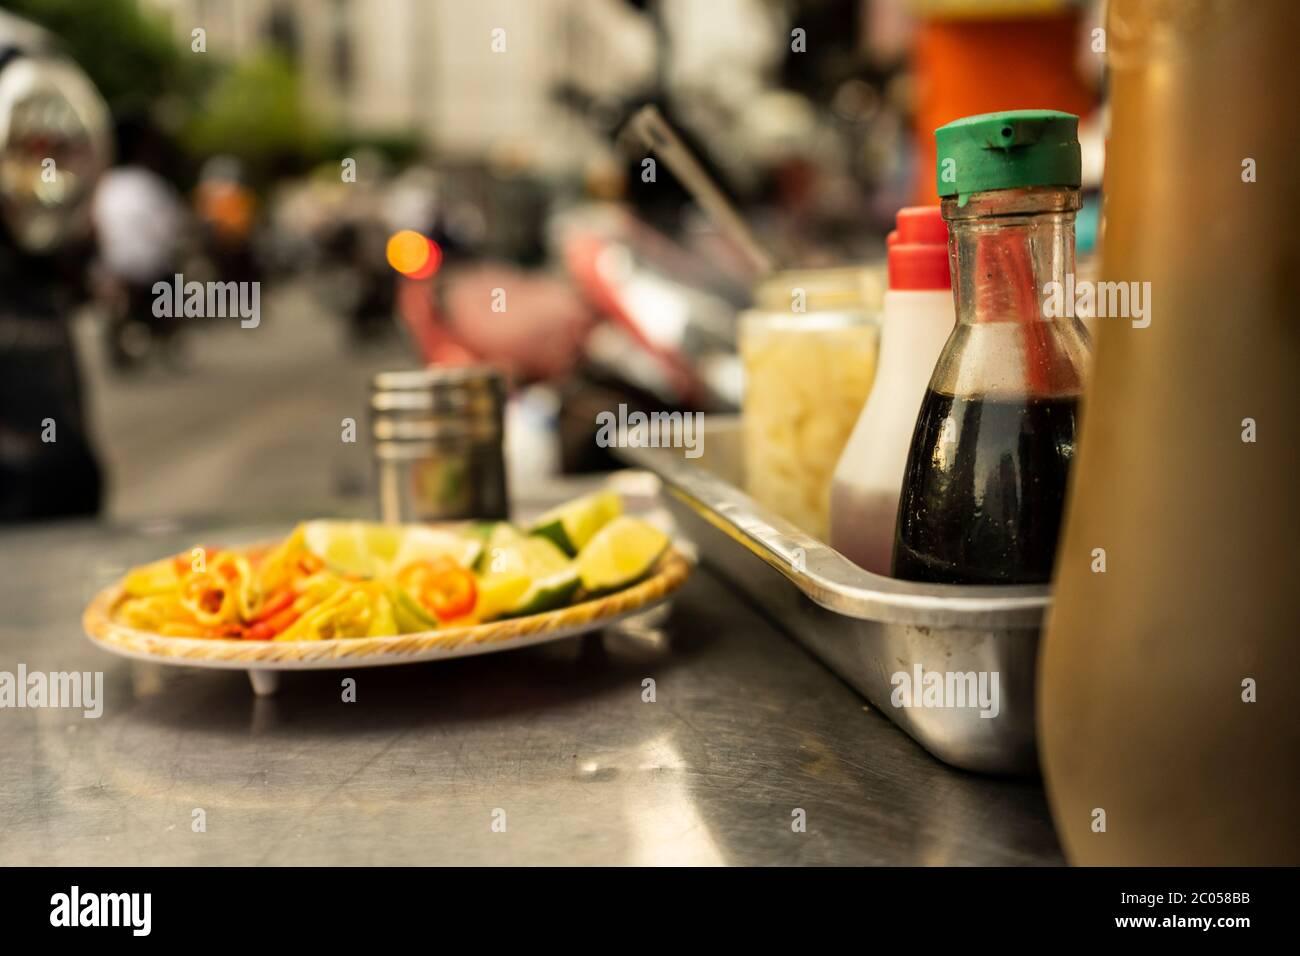 Bandeja de condimentos de fideos vietnamitas tradicionales con un plato de rodajas de limón, tarro de Chile, salsa de pescado, salsa de soja, cucharas y palillos en el carrito de comida callejera Foto de stock